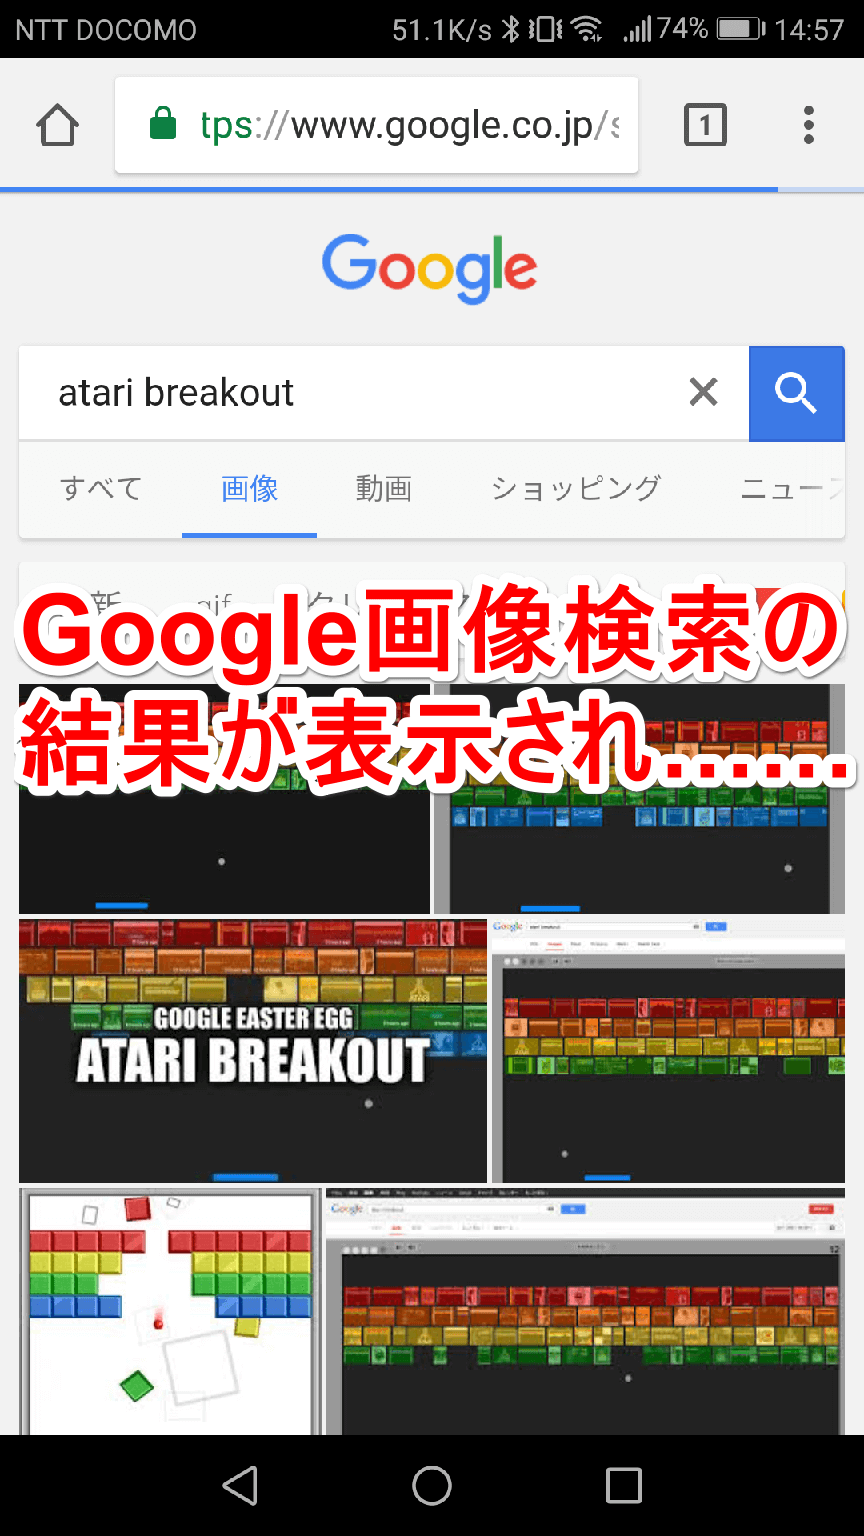 グーグルの「atari breakout」の画像検索に切り替わった画面